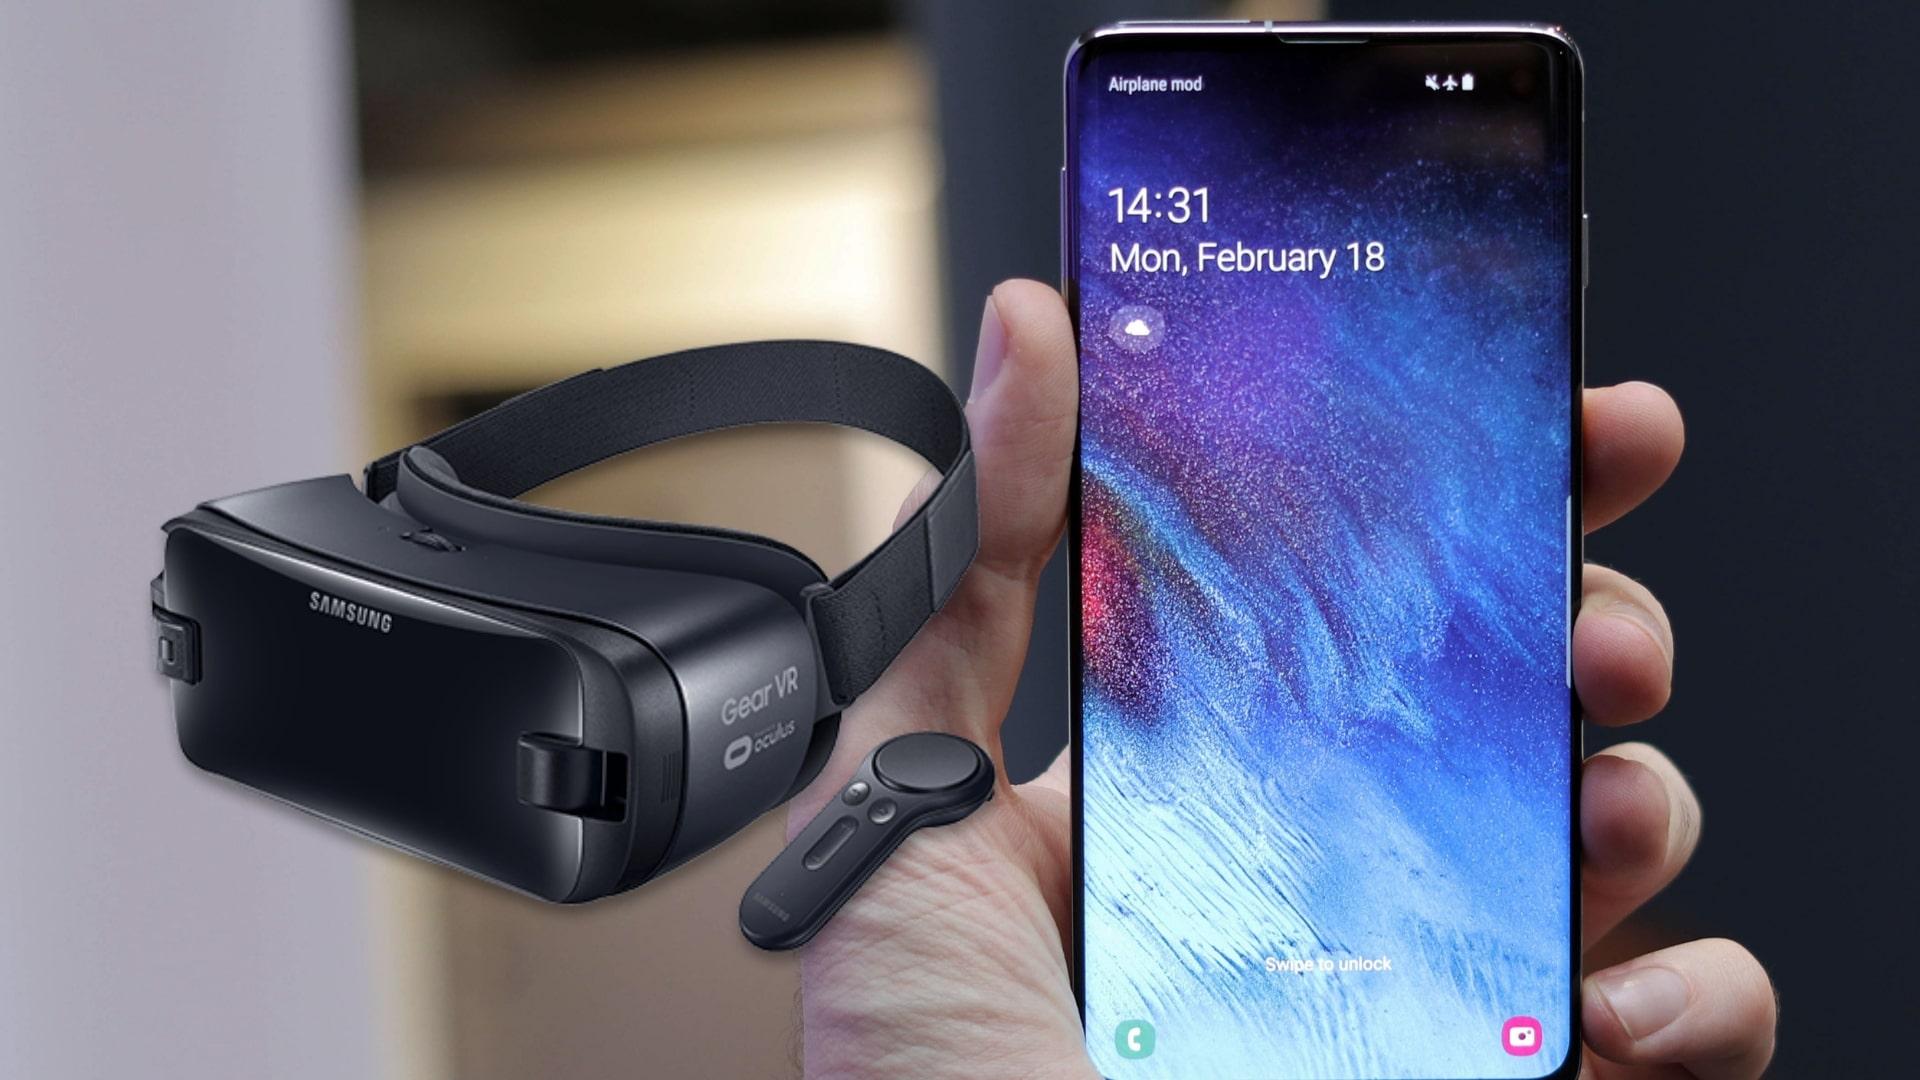 Le Samsung Galaxy S10 apporte la 5G et le HDR au Gear VR